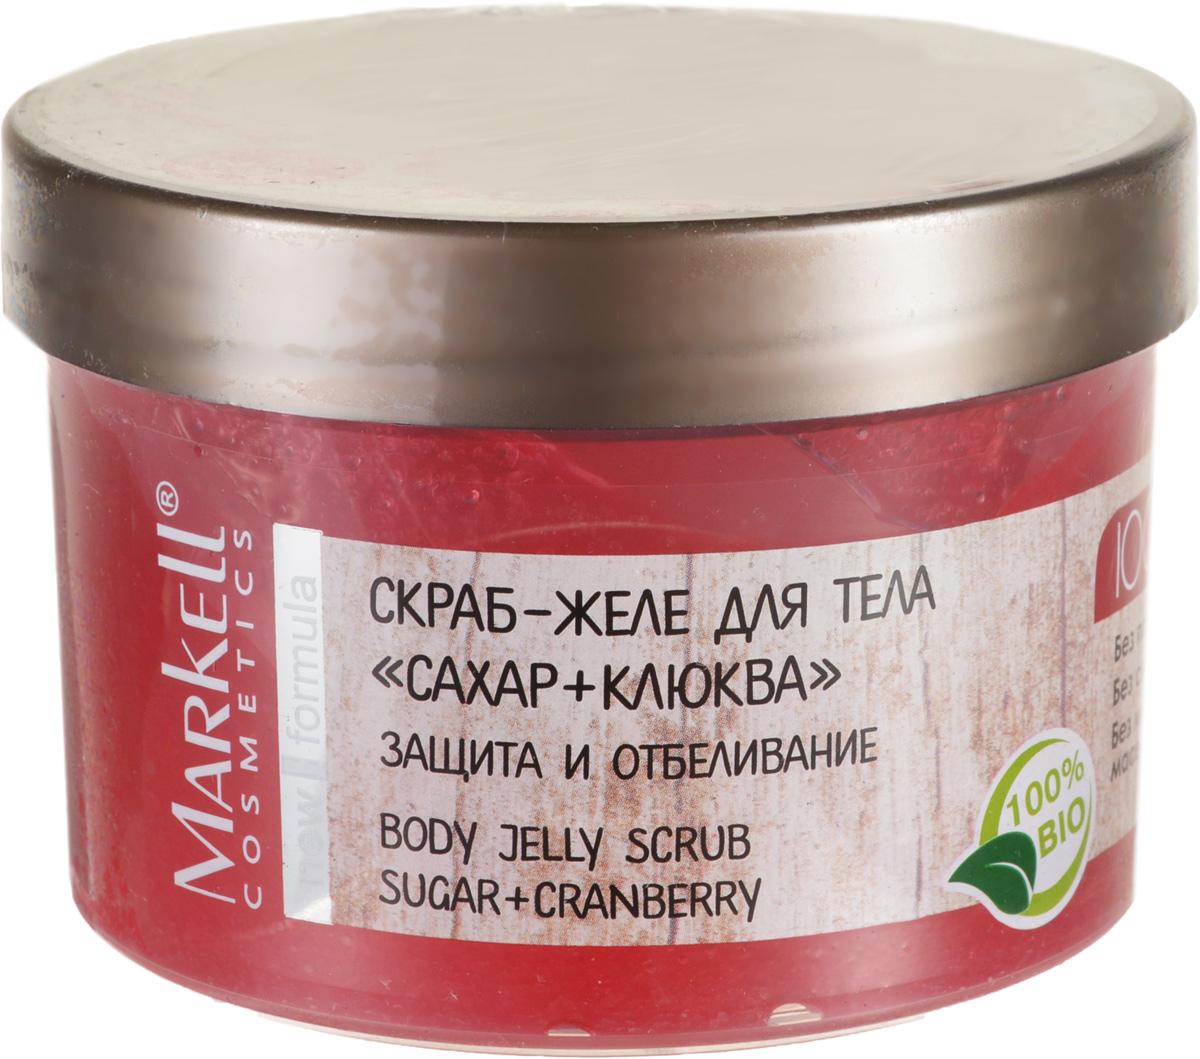 Markell Natural Line Скраб-желе для тела САХАР+КЛЮКВА, 280 гFS-00897Нежный тающий скраб-желе для тела делает процедуру очищения незабываемой. Смягчает, тонизирует, повышает сопротивляемость кожи, наполняет ее витаминами и микроэлементами, способствует восстановлению сухой и раздраженной кожи. Сахар обеспечит мягкий скрабирующий эффект, растворяясь у Вас под руками. Ощутите непревзойденную гладкость Вашей кожи!